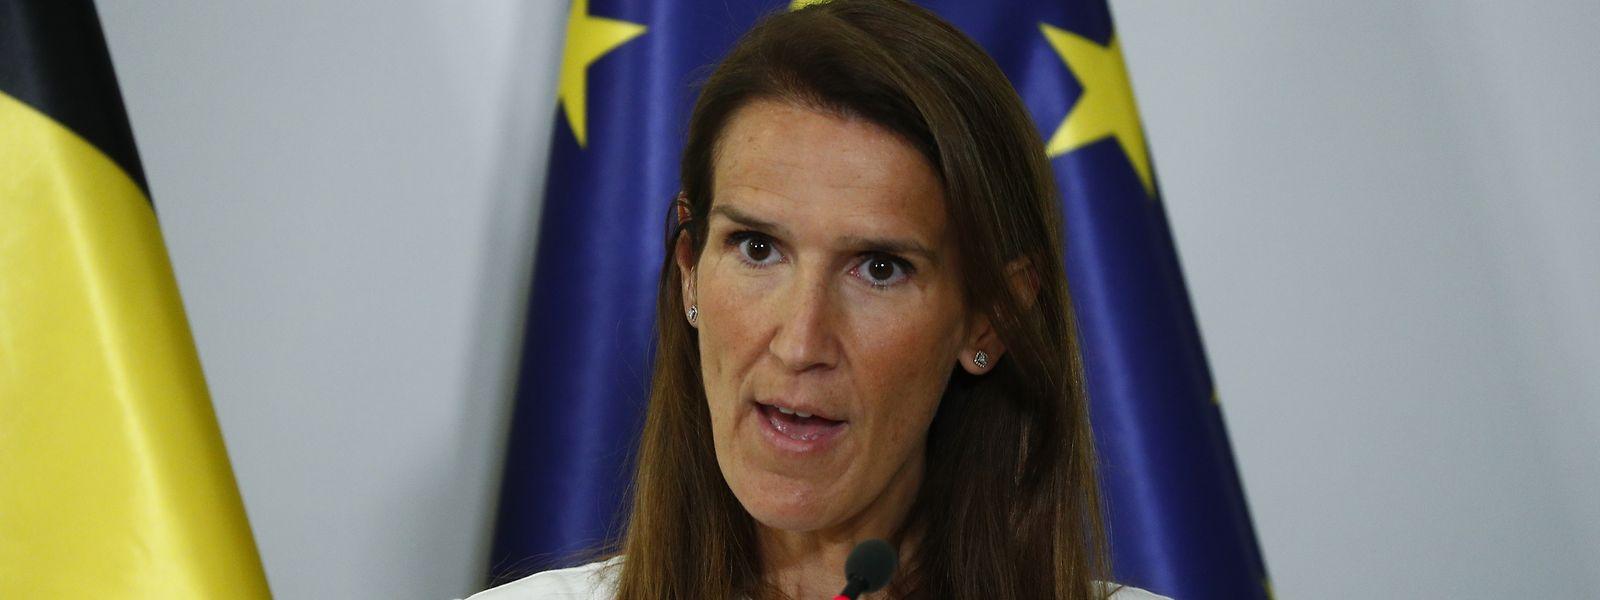 Sophie Wilmès et son gouvernement resteront en place jusqu'à la fin du mois de septembre. Une décision qui suscite l'irritation au sein de l'opposition.